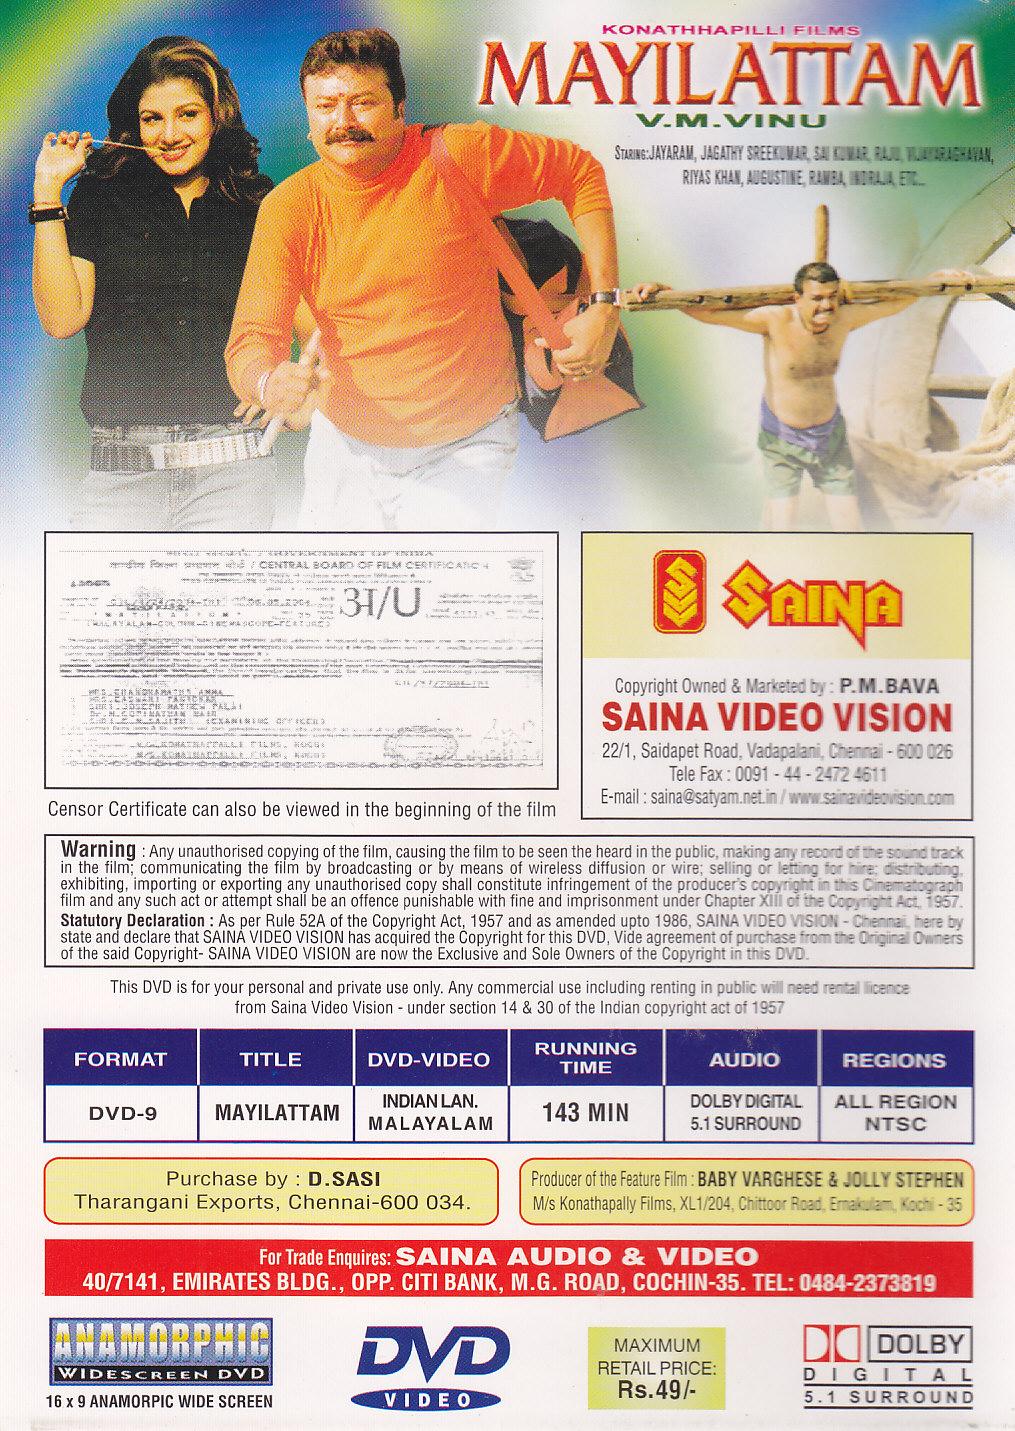 Mayilattam DVD Screenshots (Saina) Mayilattam_B